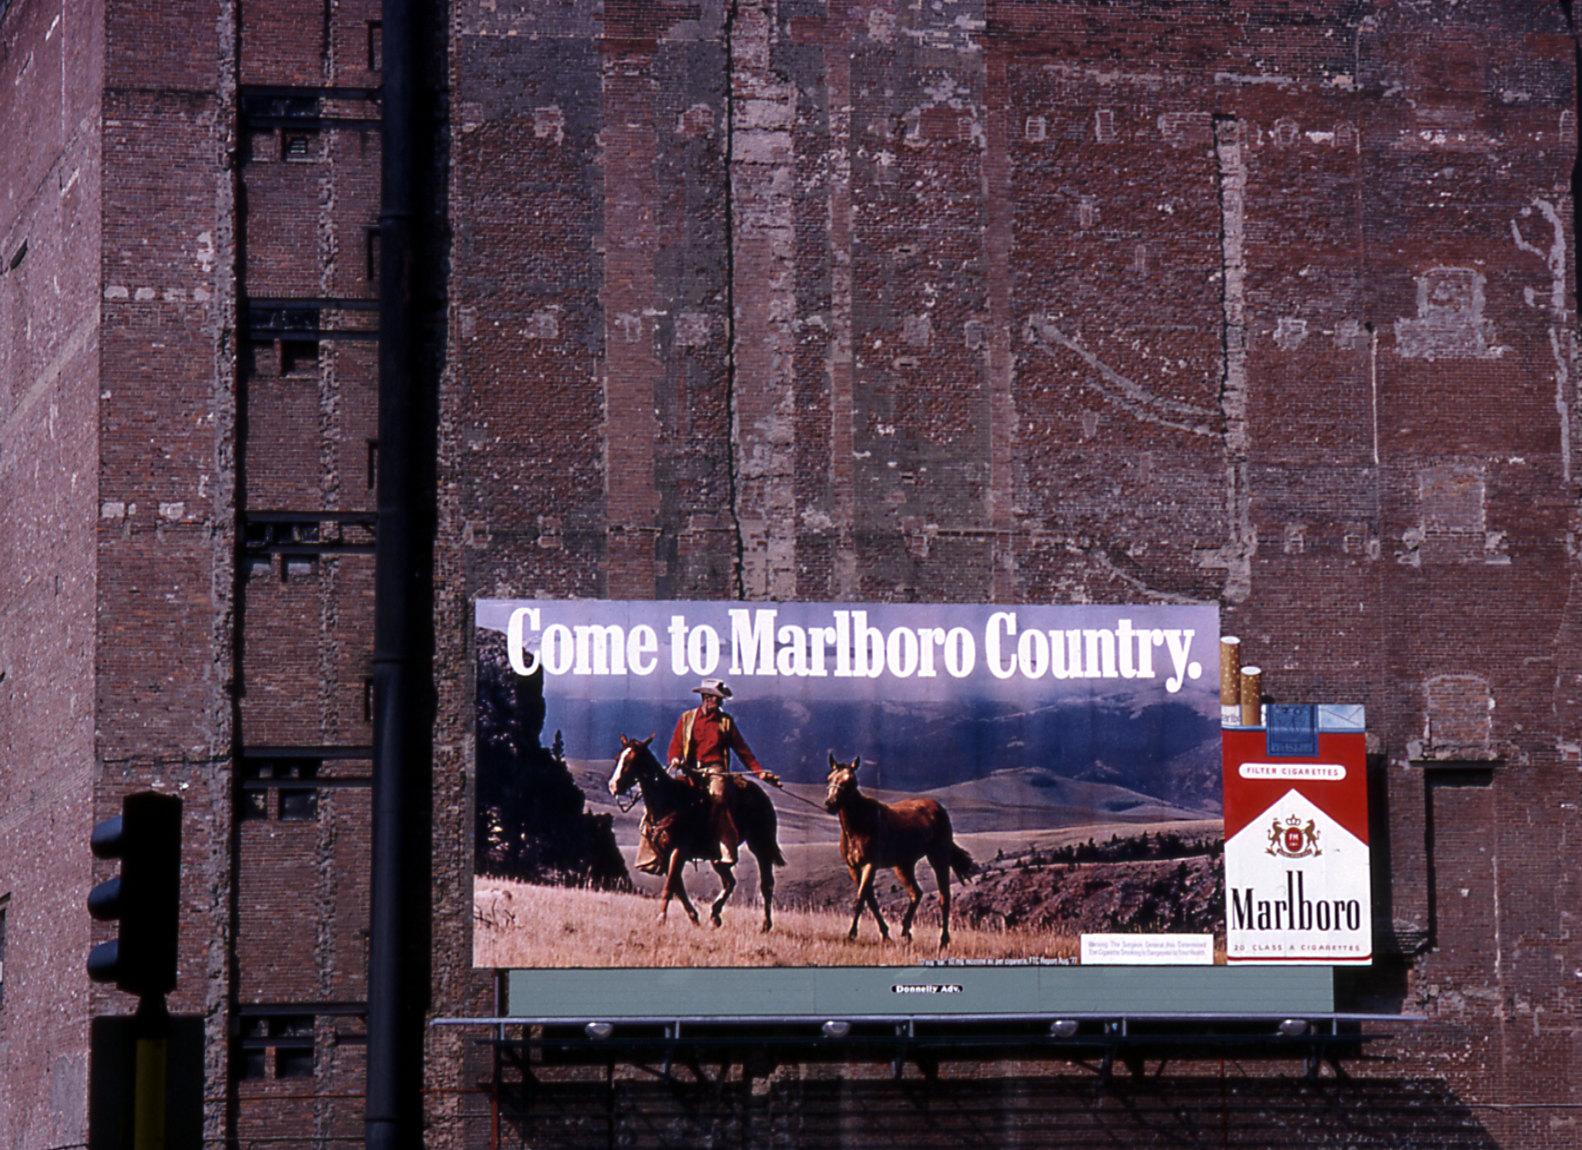 Marlboro country, New York